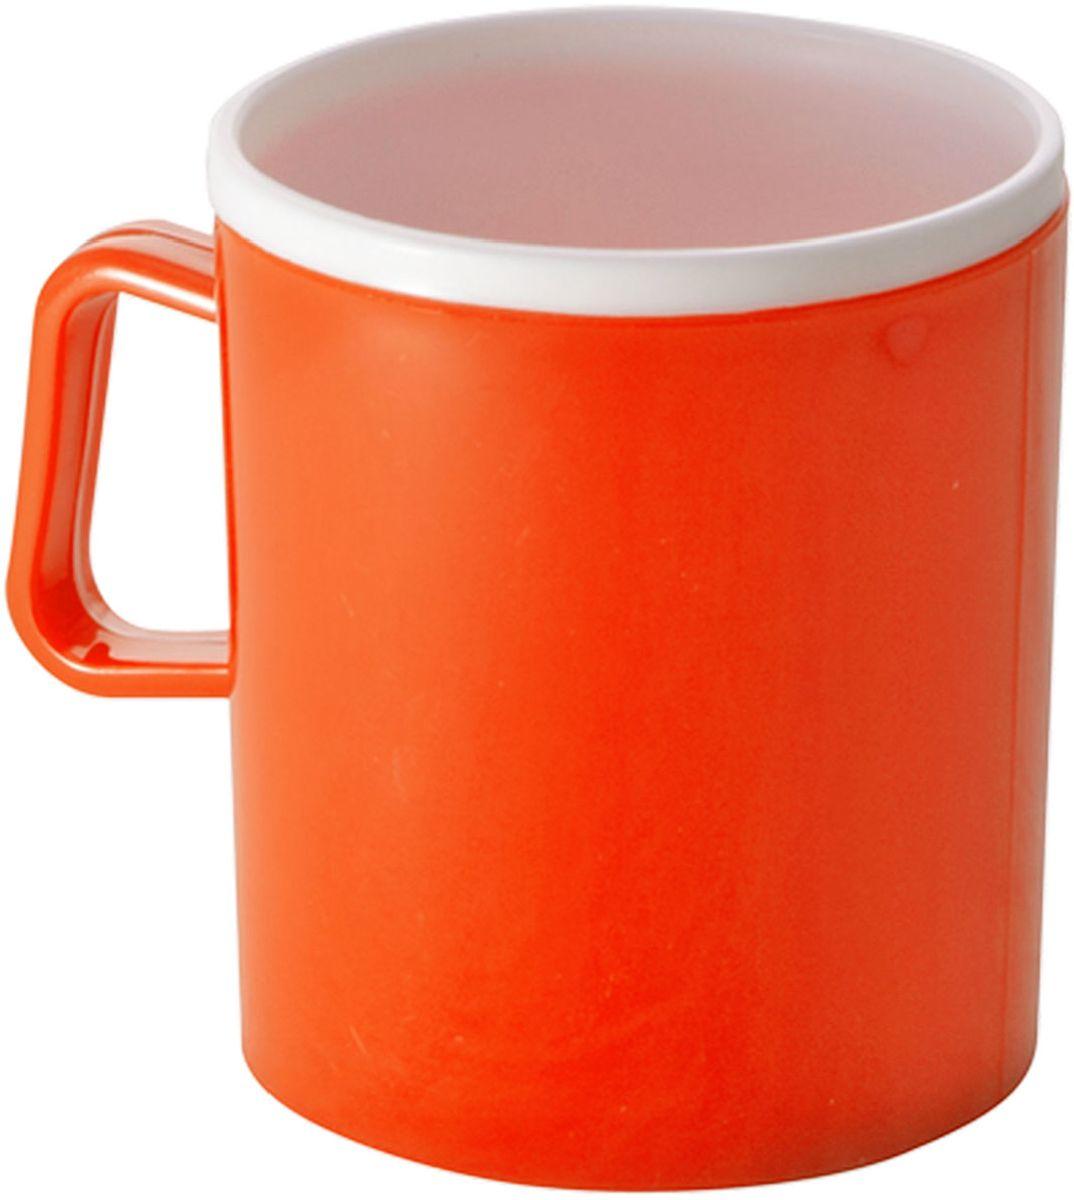 Термокружка Plastic Centre, двойная, цвет: оранжевый, 350 млПЦ1120МНДТермокружка Plastic Centre с двойными стенками предназначена для горячих напитков и прекрасно сохраняет их температуру. Прочный пластик подходит для многократного использования. Легкую кружку удобно взять с собой на природу или в поездку. Можно мыть в посудомоечной машине.Объем кружки: 350 мл.Высота кружки: 10 см.